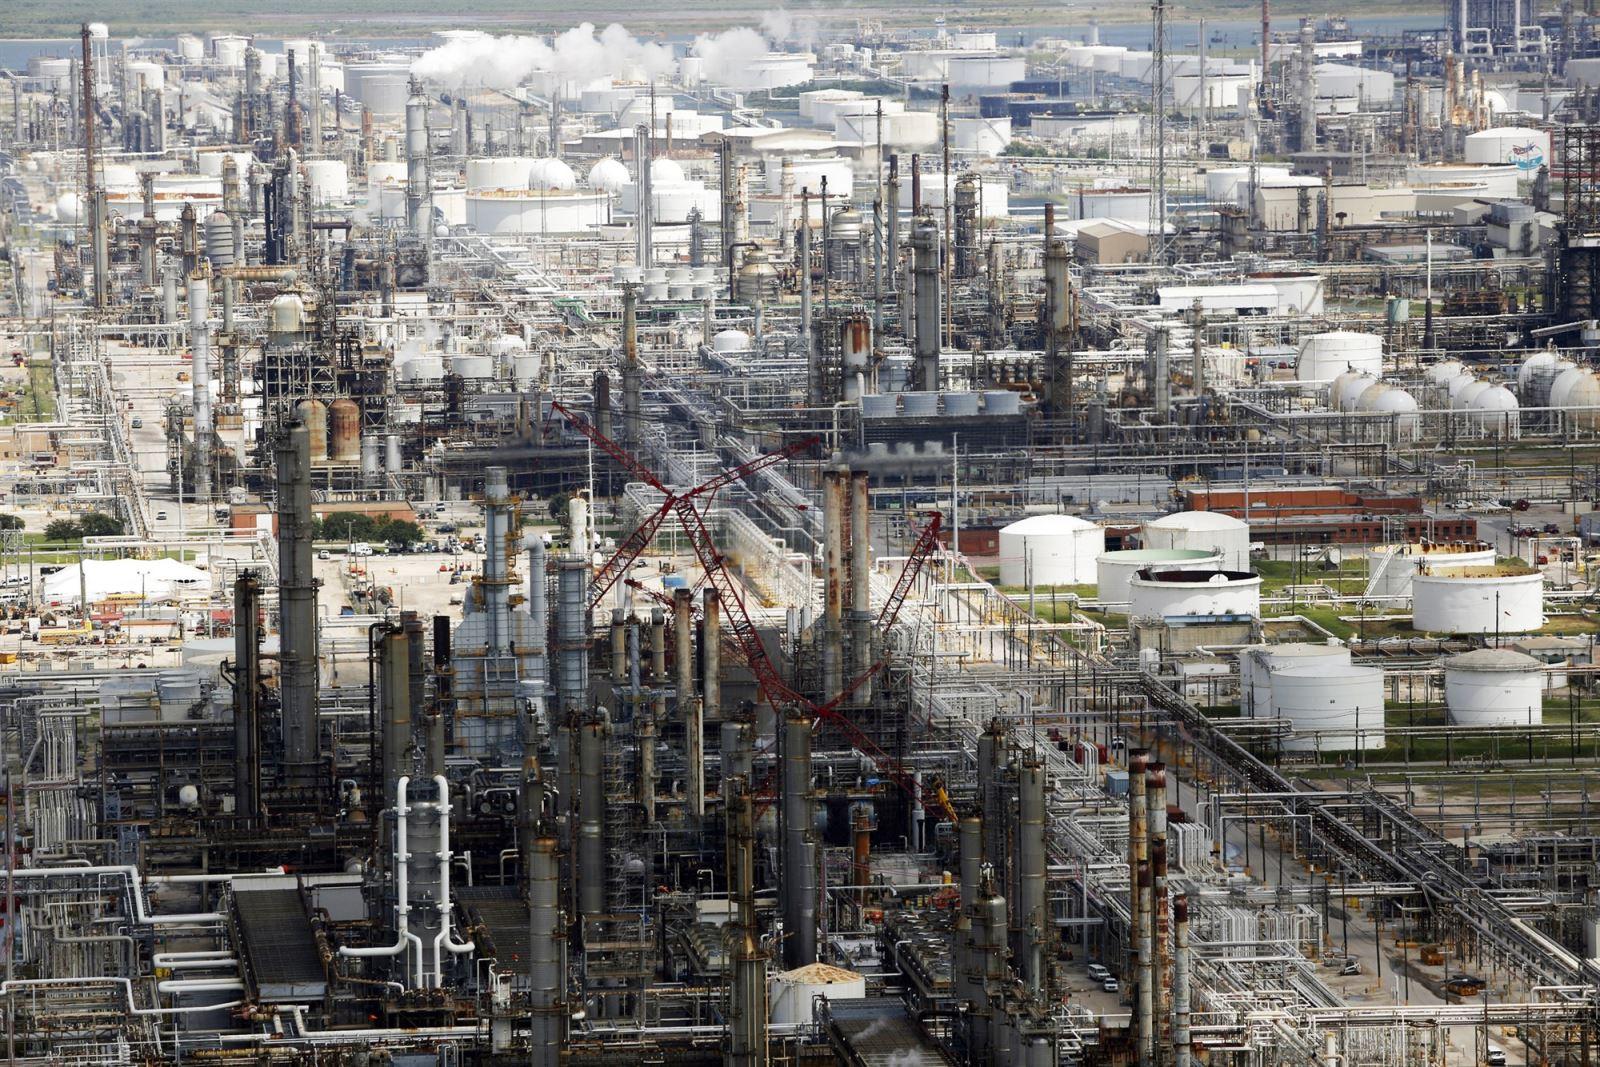 Texas sản xuất nhiều dầu và khí đốt nhất Mỹ. Ảnh: Getty Images